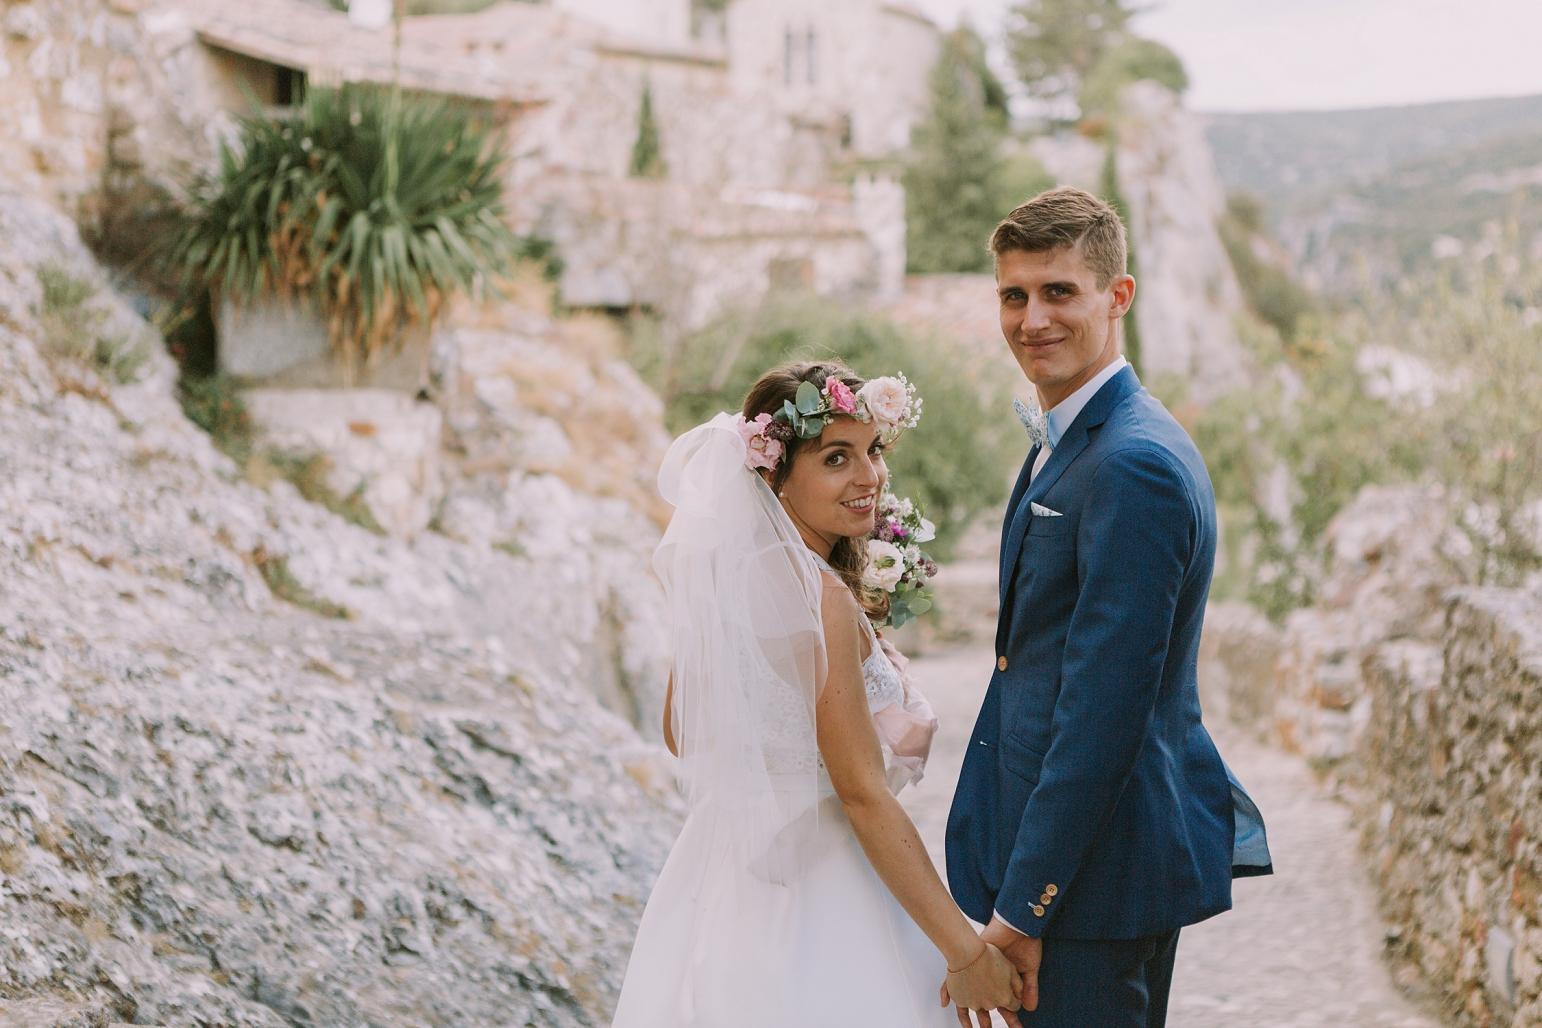 kateryna-photos-mariage-wedding-france-ardeche-domaine-clos-hullias-Saint-Christol-de-Rodière-gard-cevennes_0162.jpg